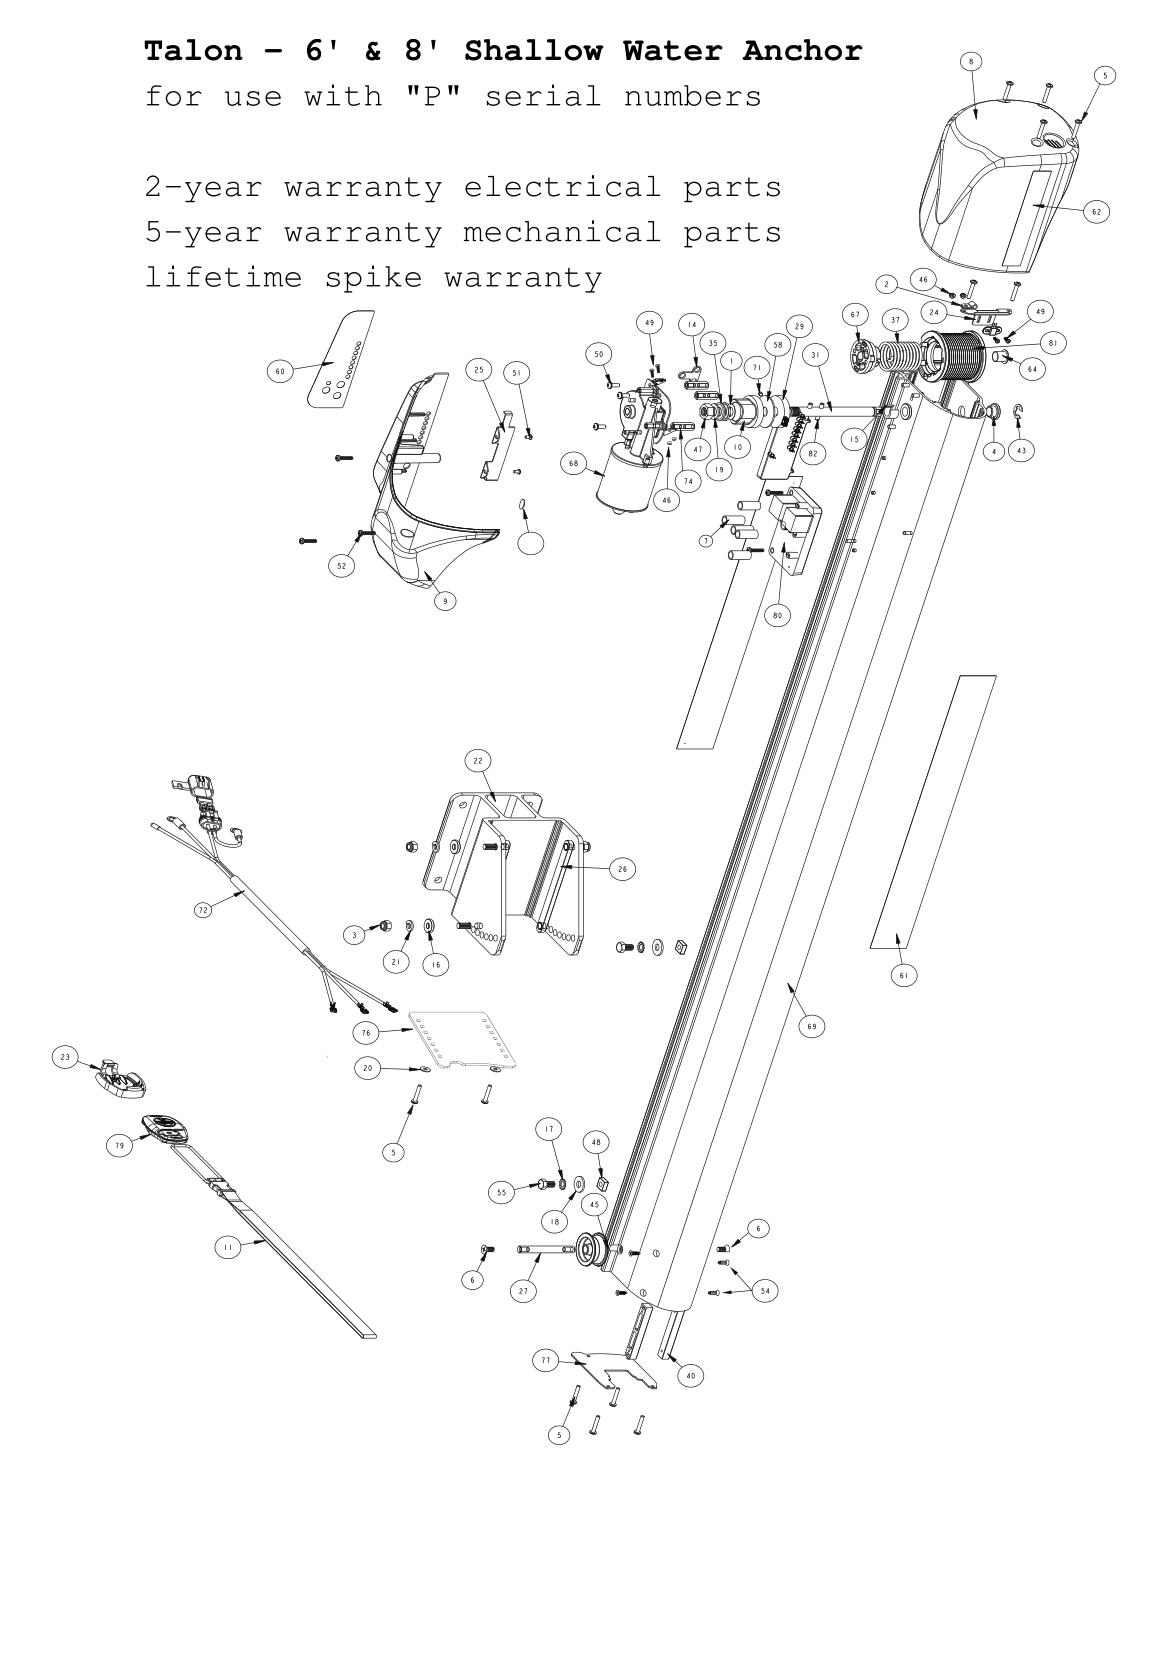 Minn Kota Talon 6 And 8 Foot Parts